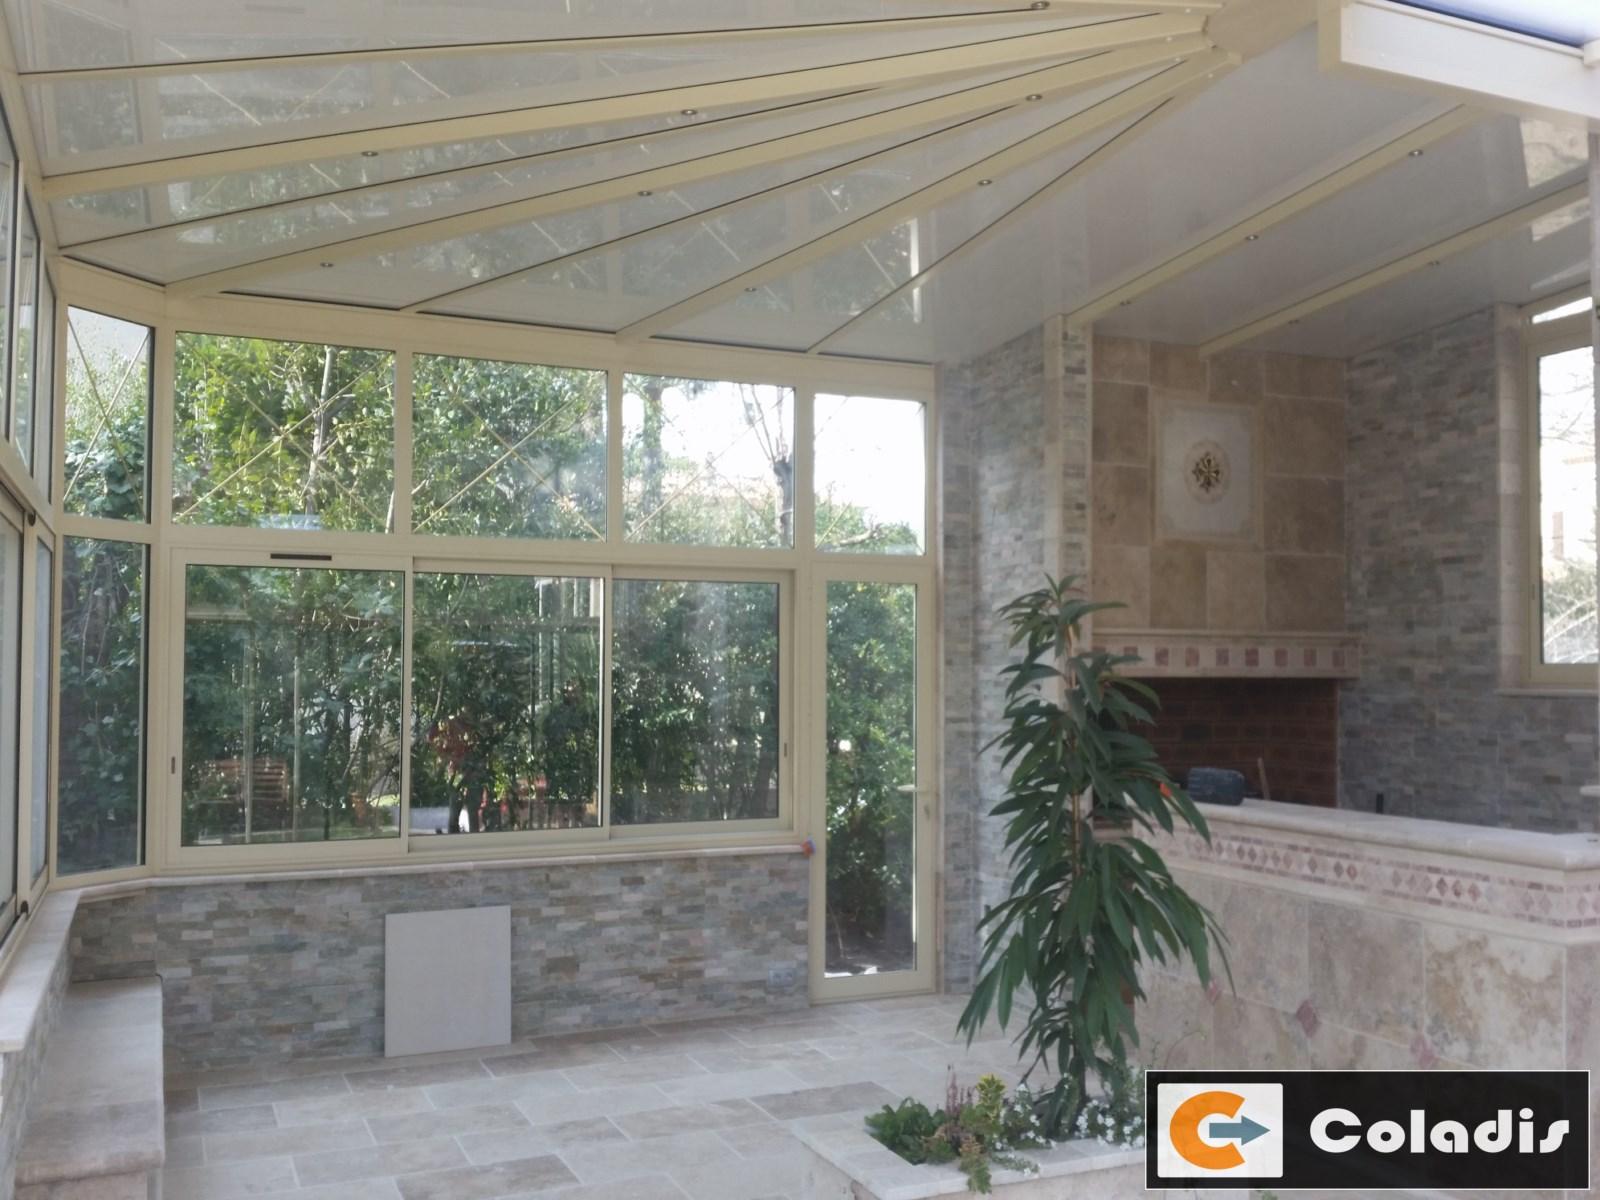 Coladis toiture veranda beige Montpellier Hérault 34